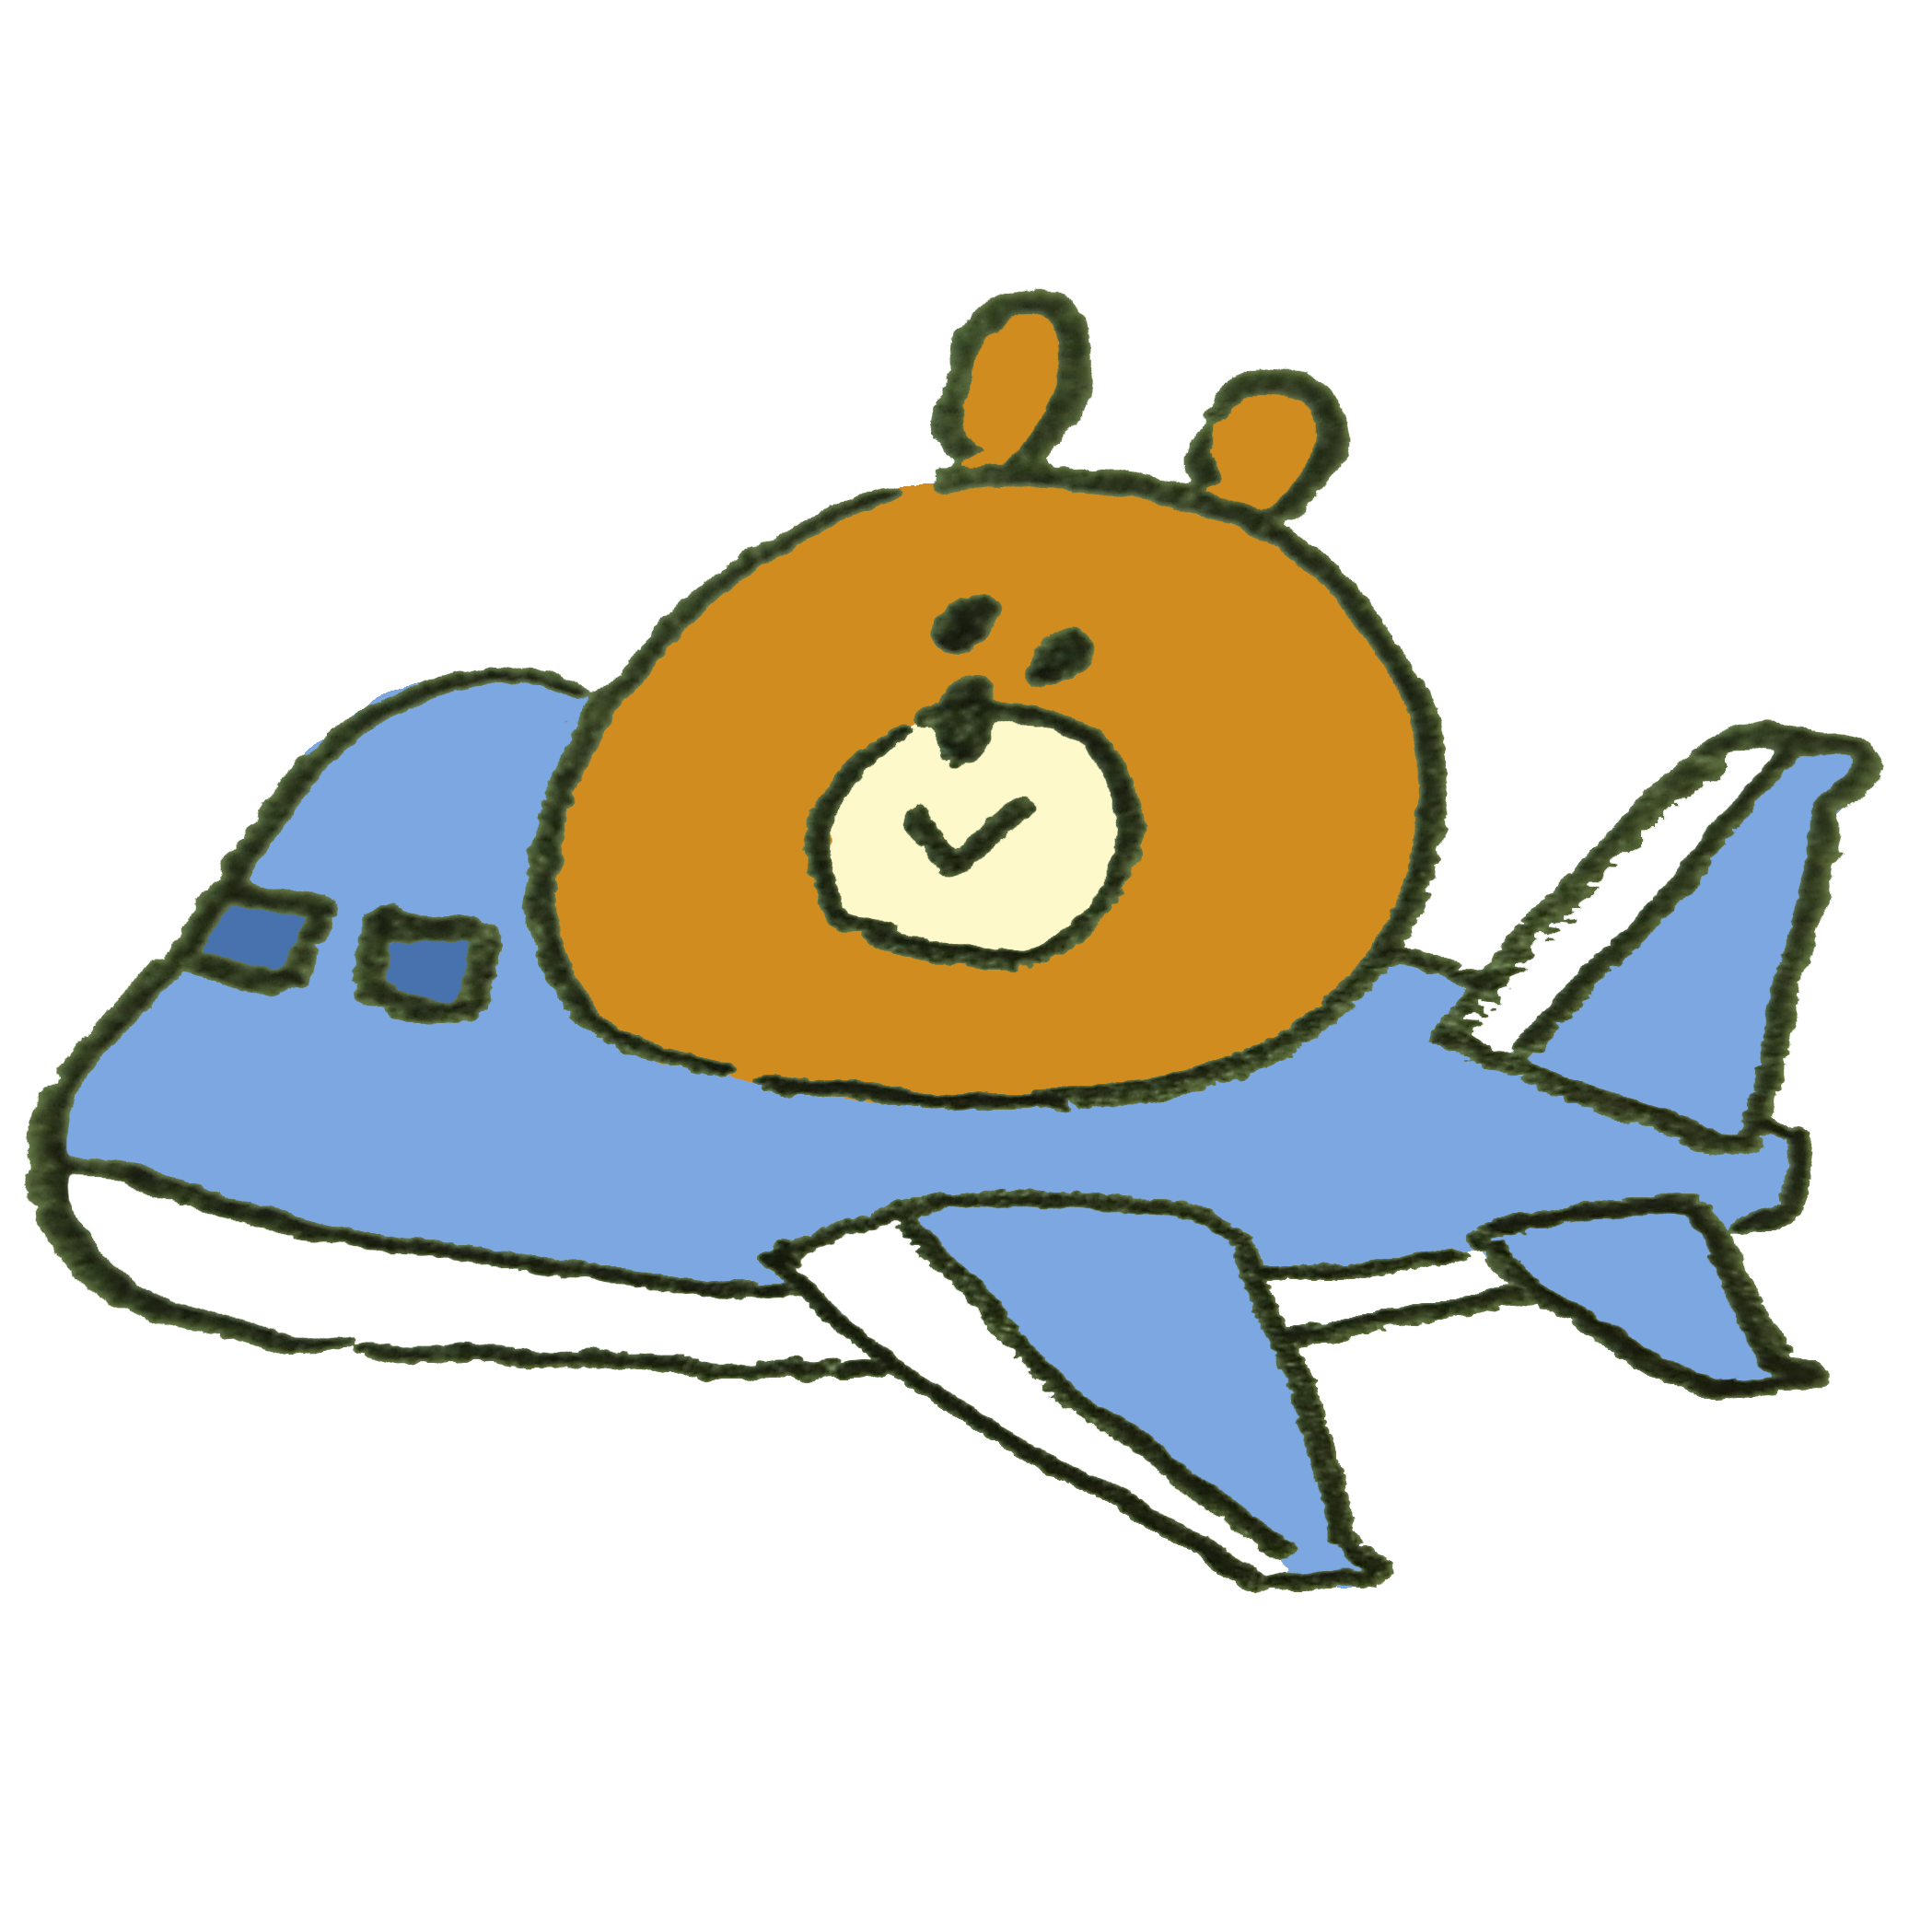 飛行機で旅行に行く熊のイラスト ゆるくてかわいい無料イラスト素材屋